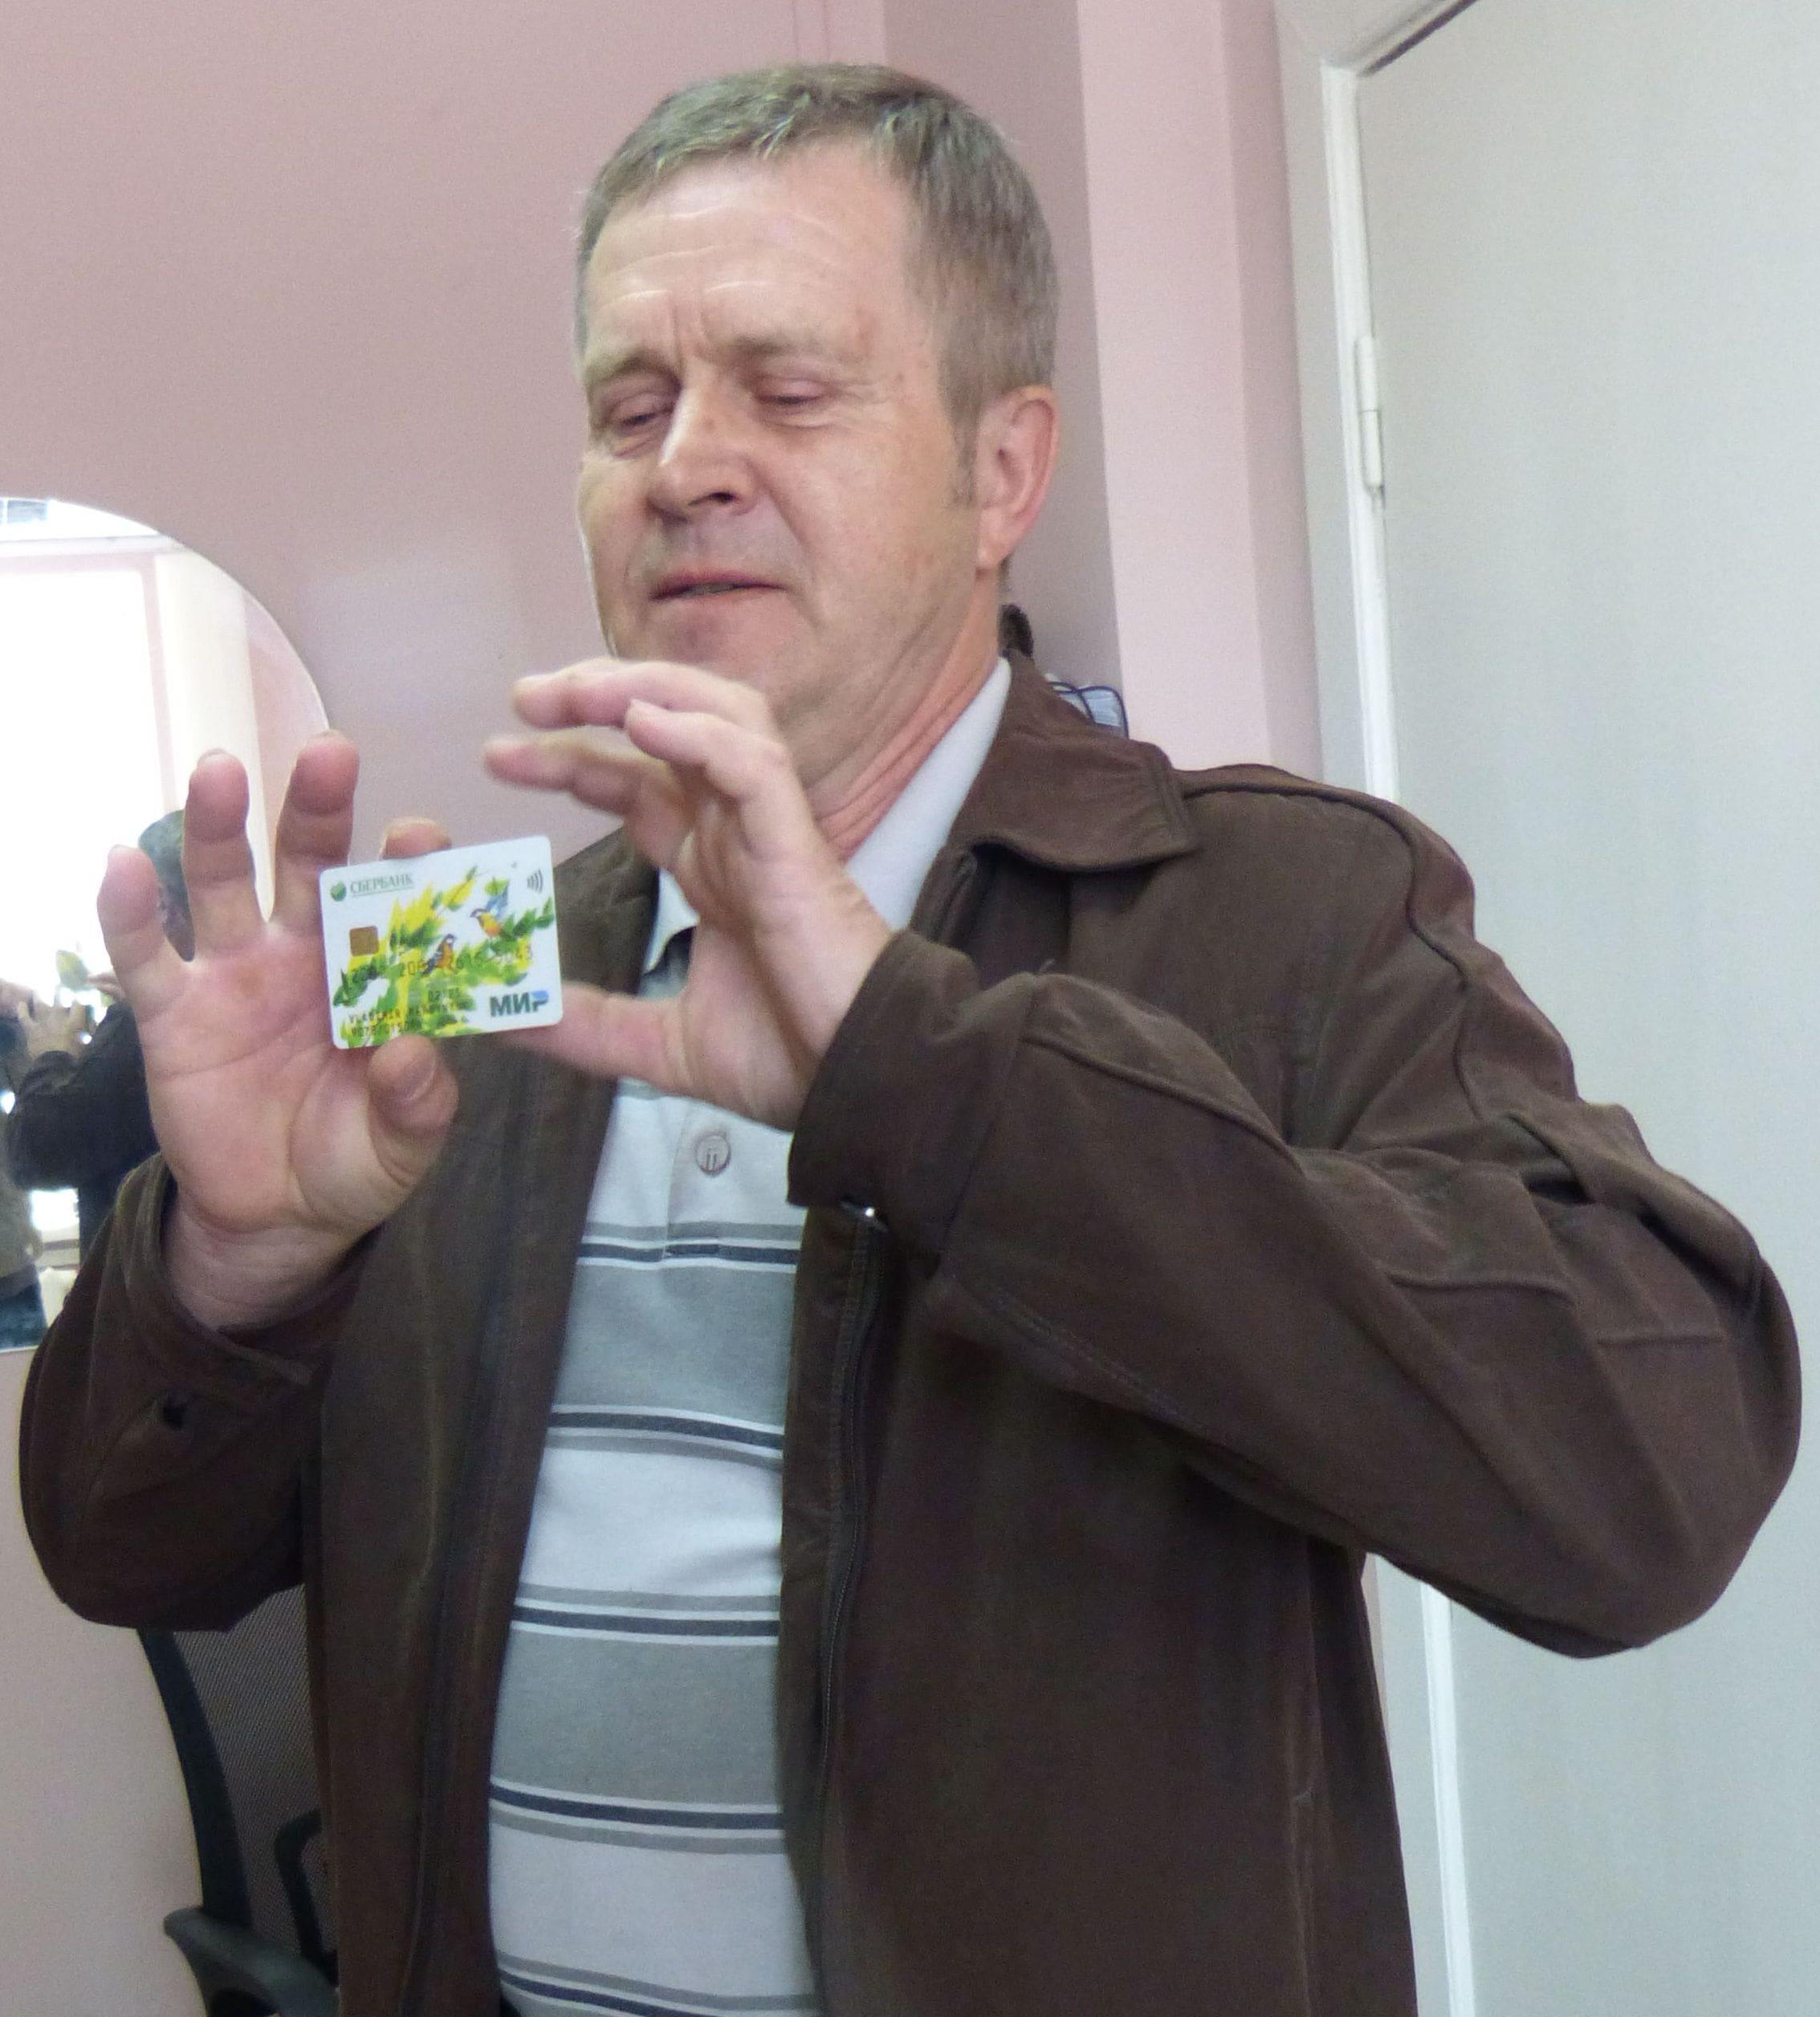 schastilivyj-obladatel-nacziolnalnjo-karty-mir-min